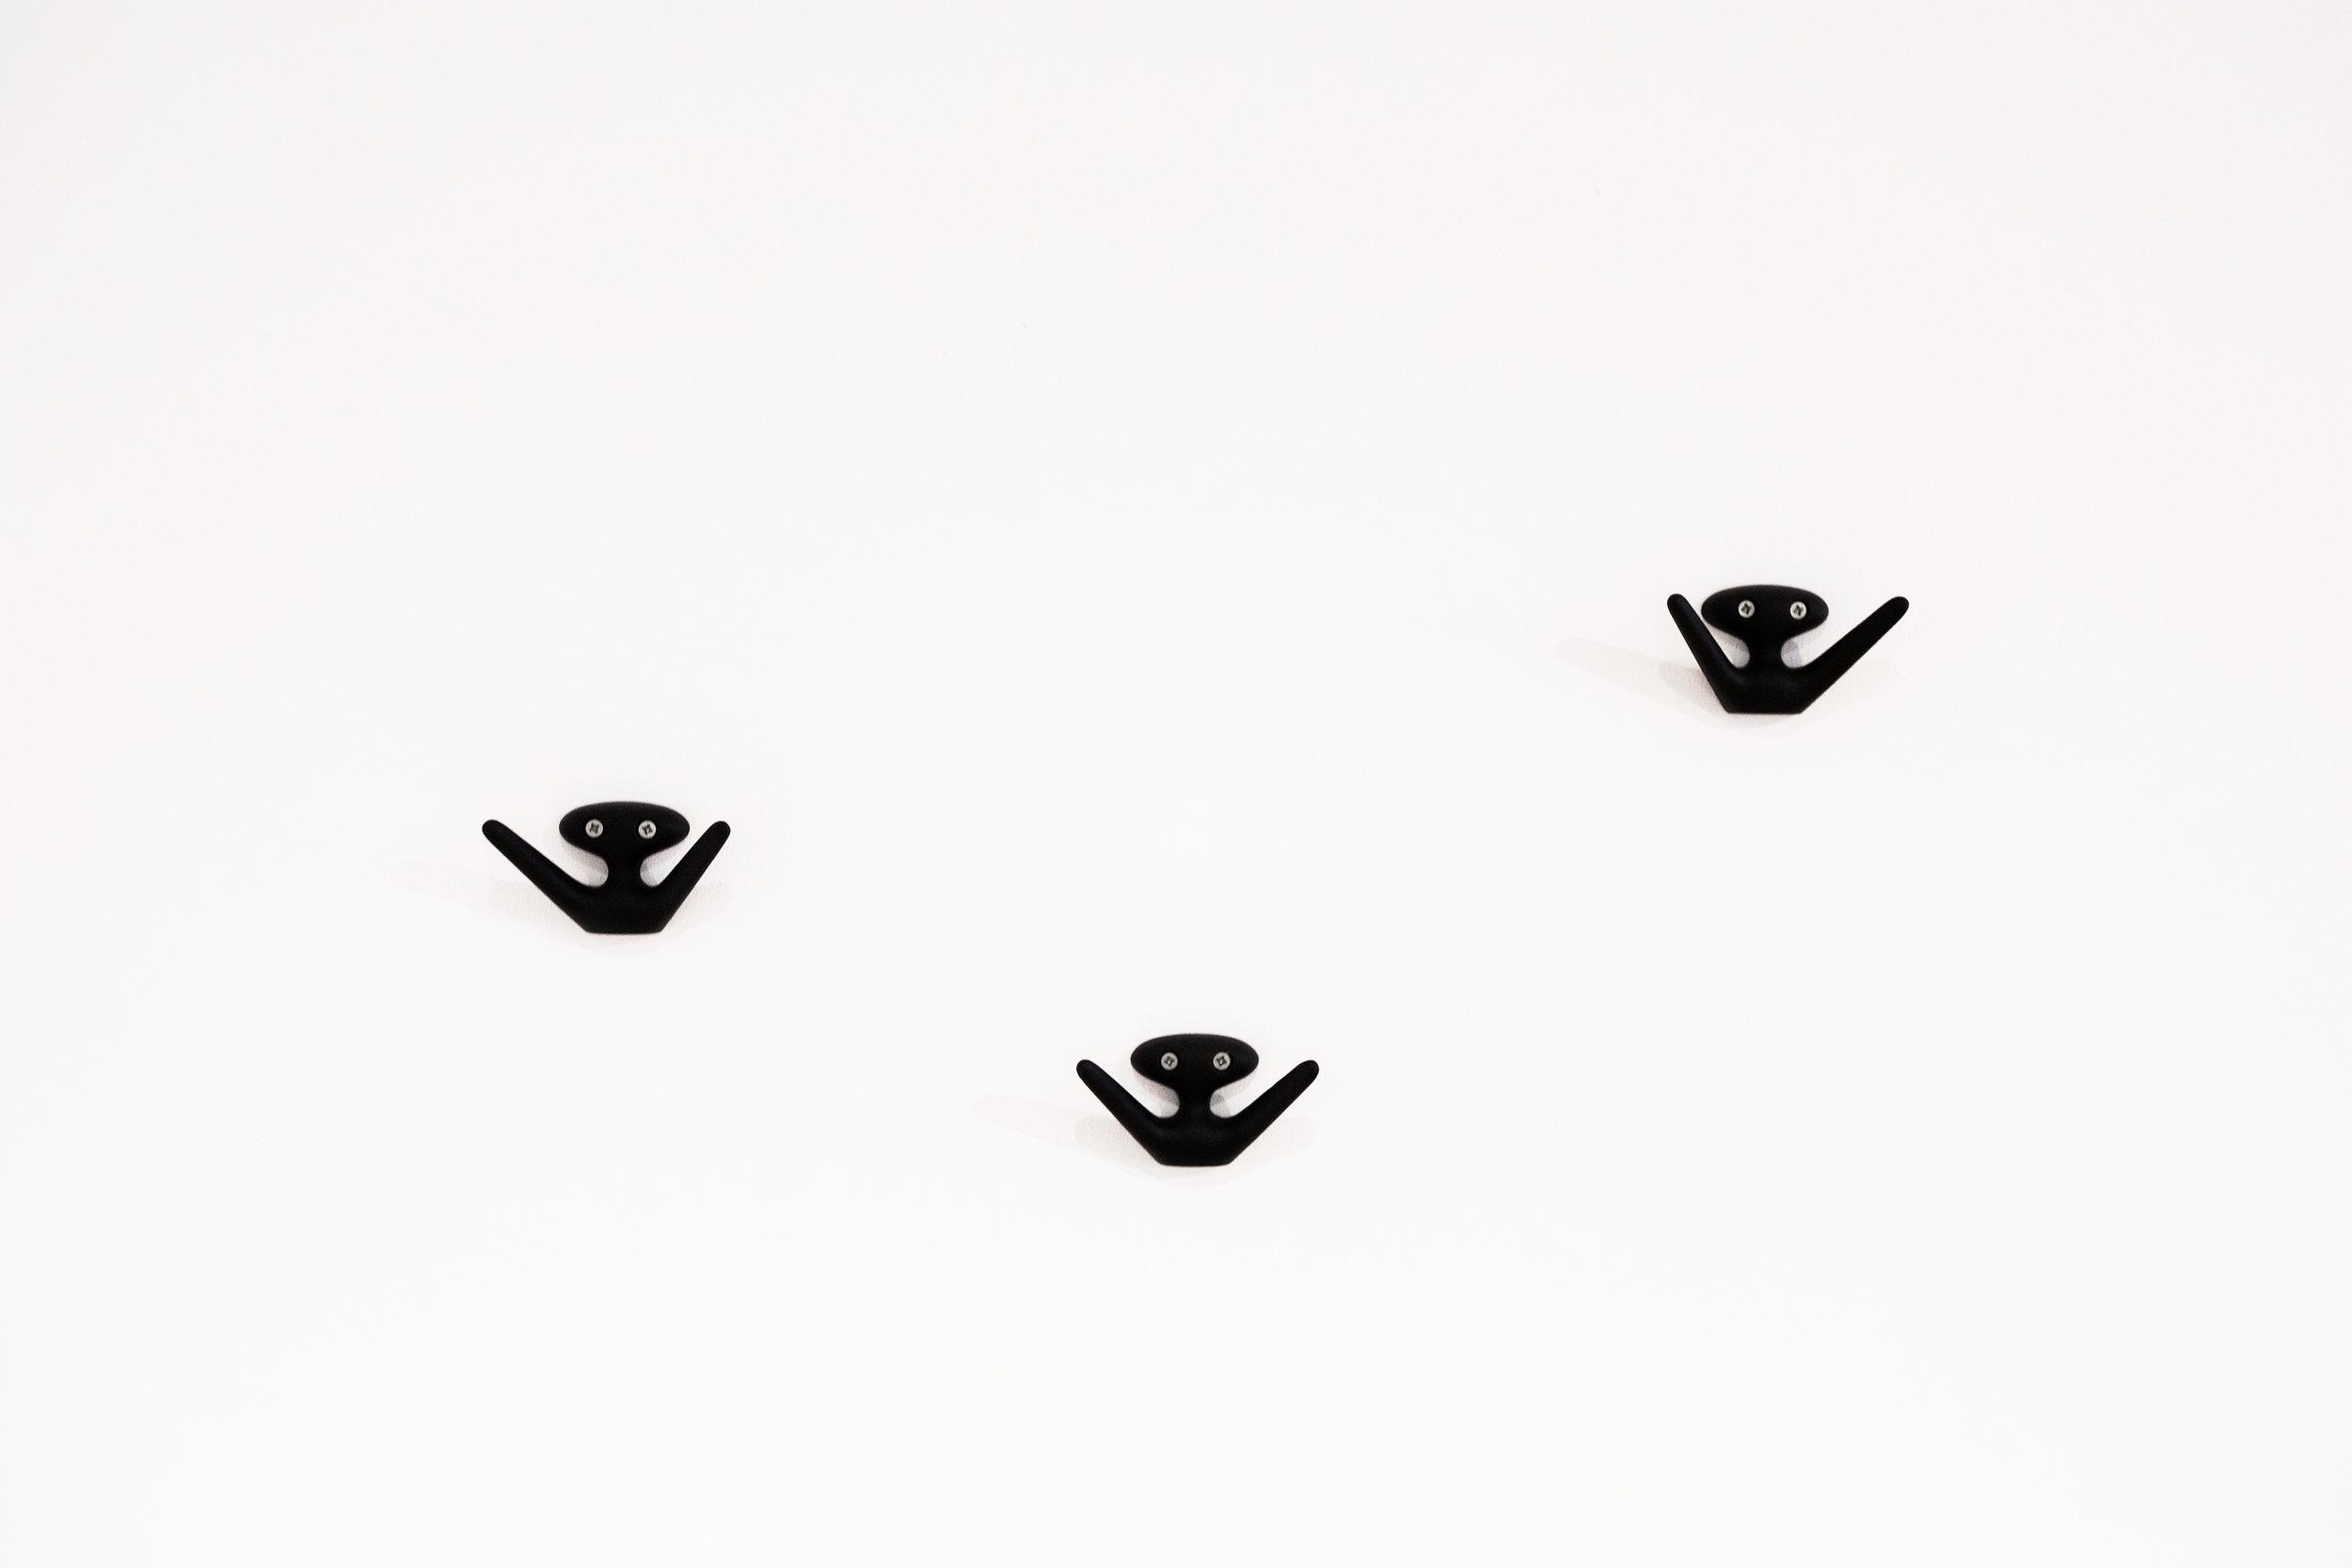 Lidingo - Inspiration-sRGB-original-16.jpg